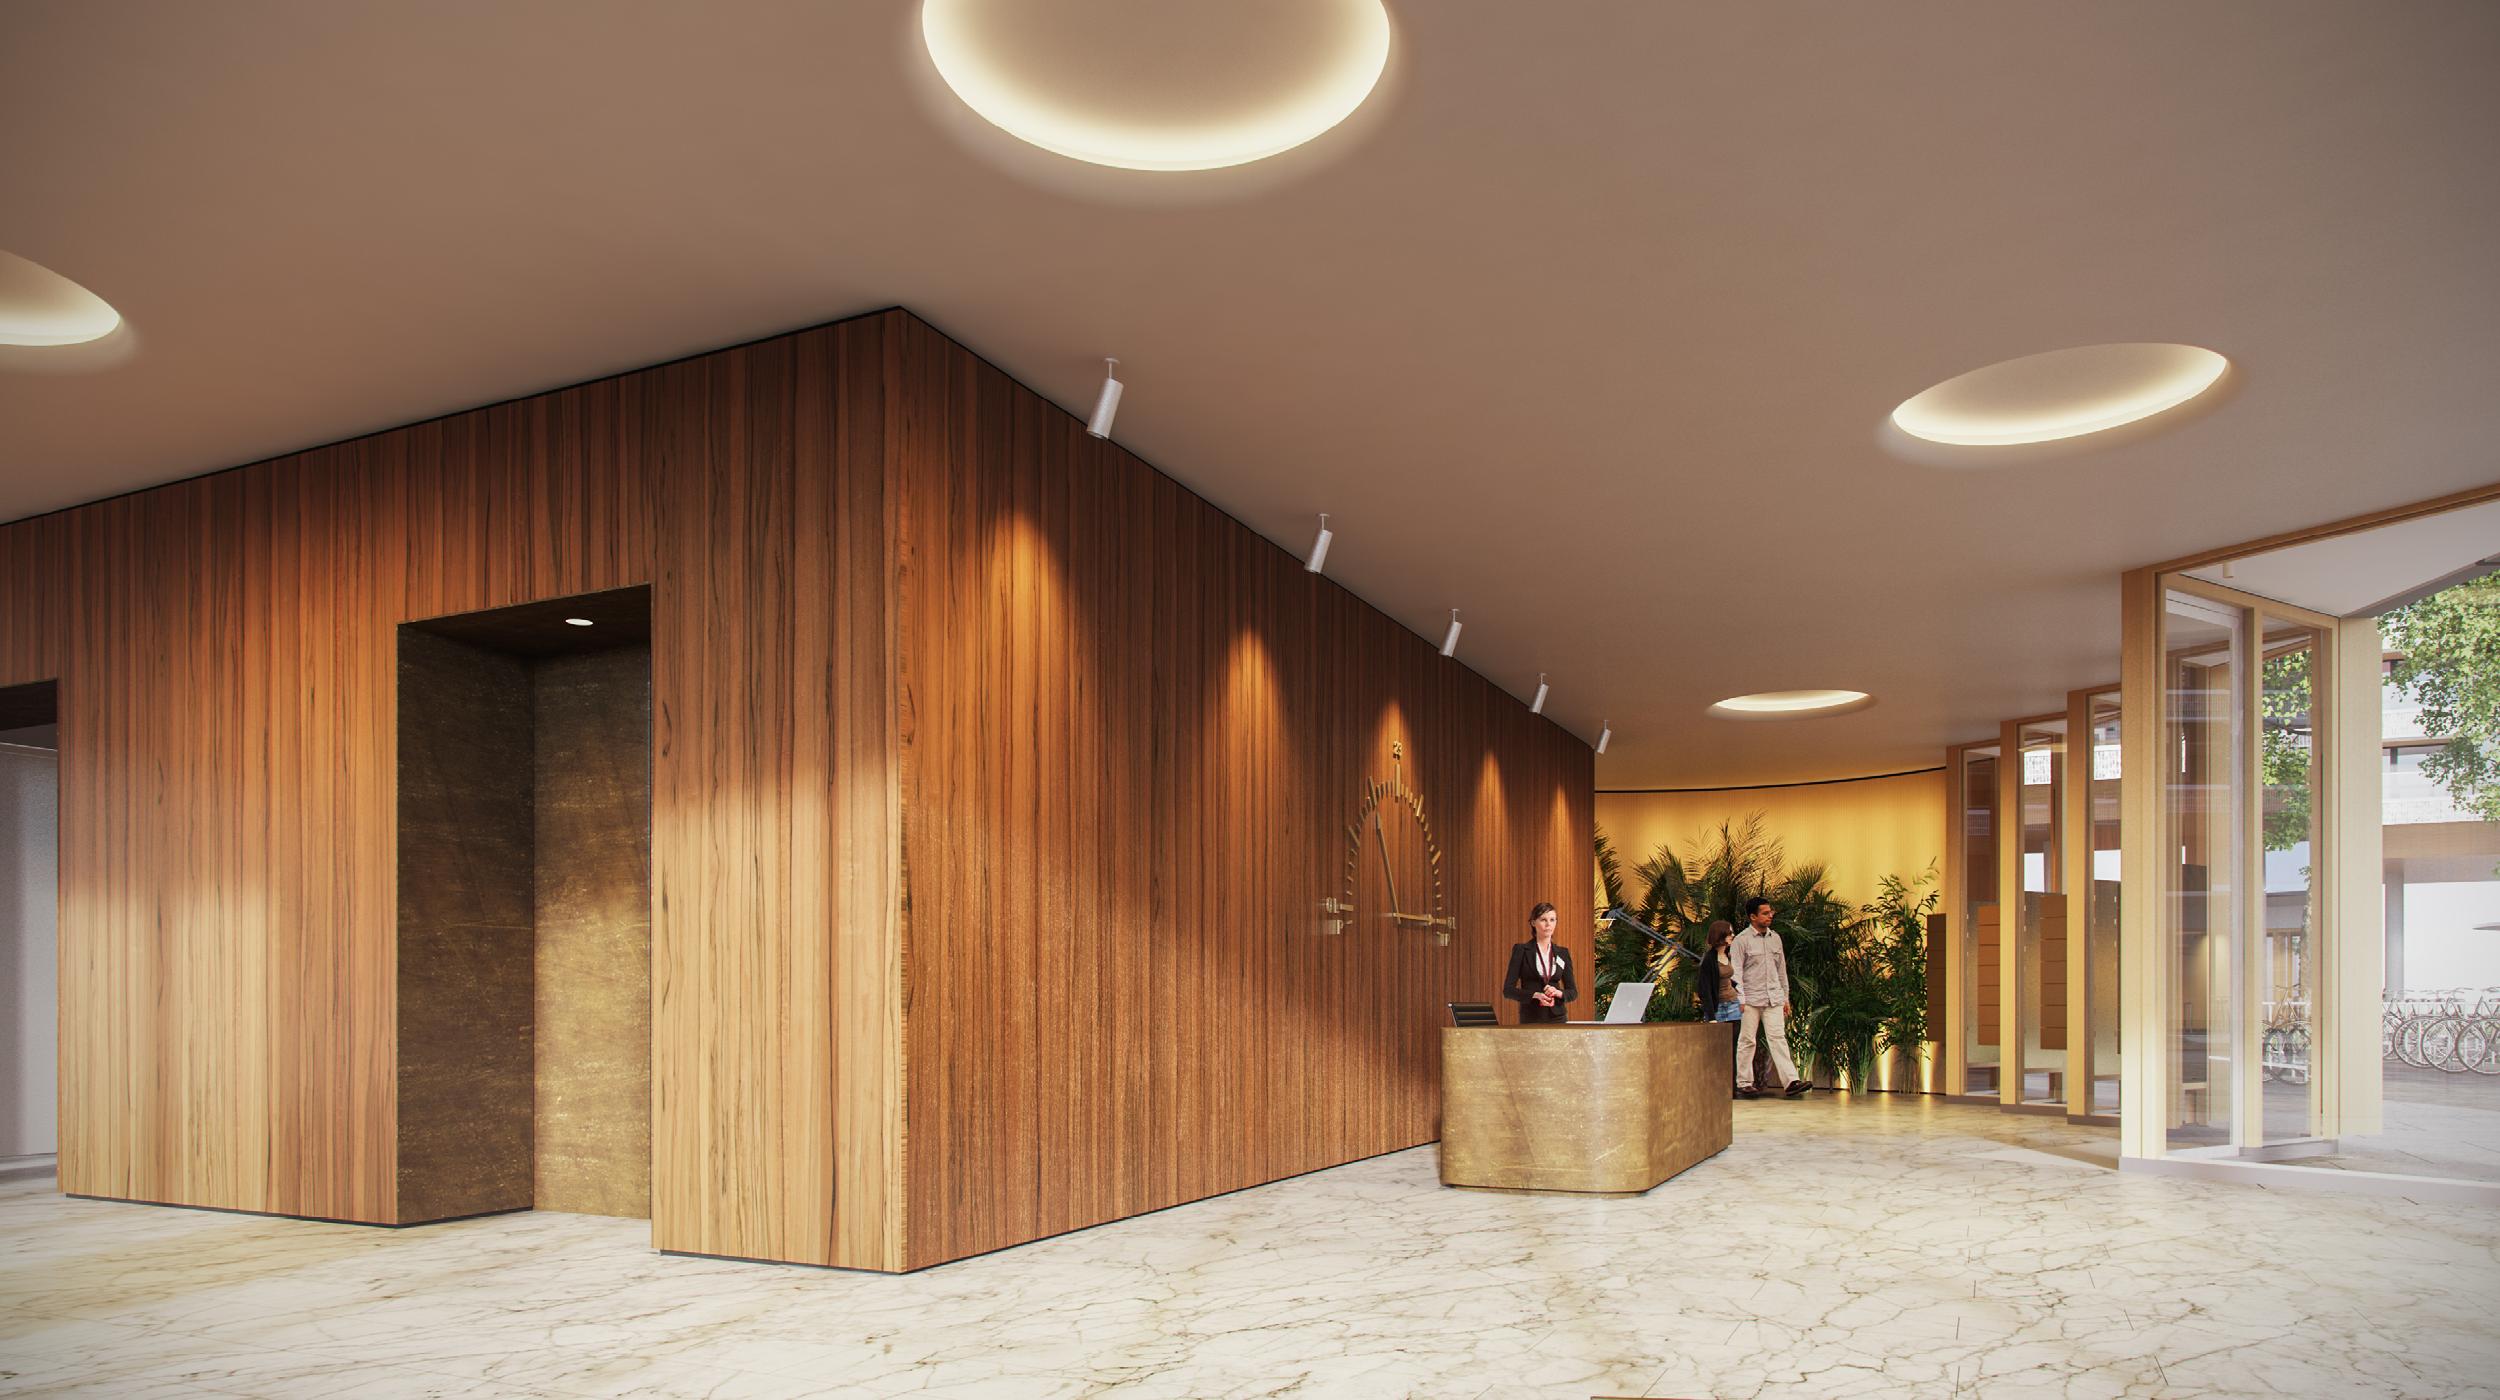 Pontsteiger houthavens Amsterdam lobby